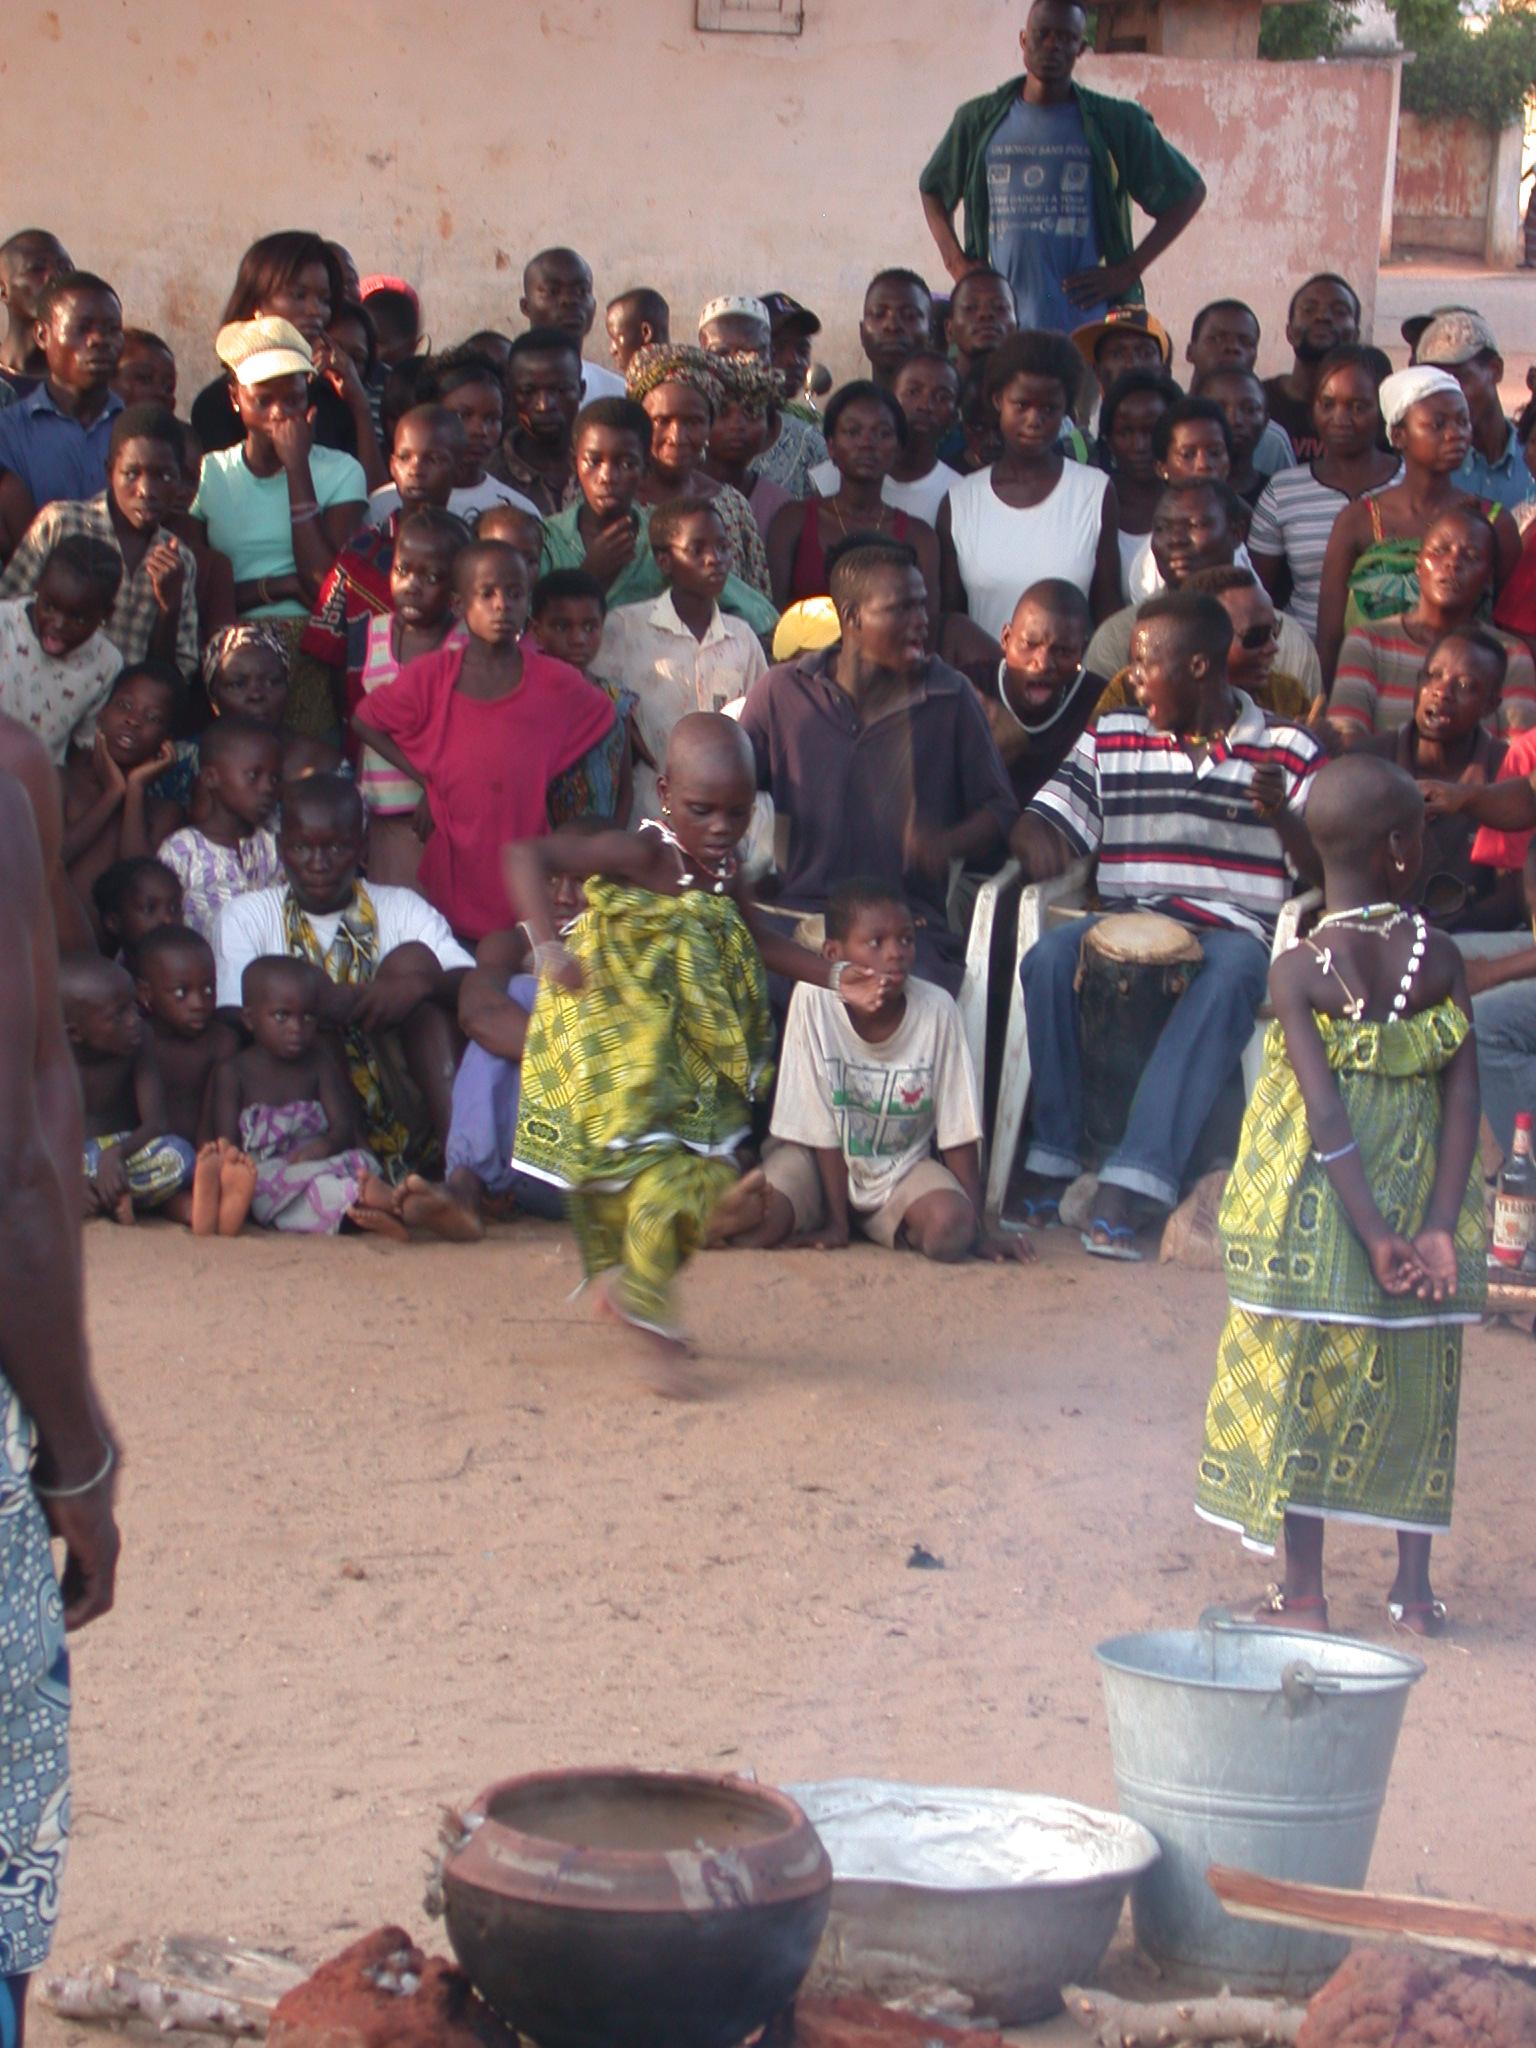 Young Initiates Dance, Vodun Ritual, Ouidah, Benin